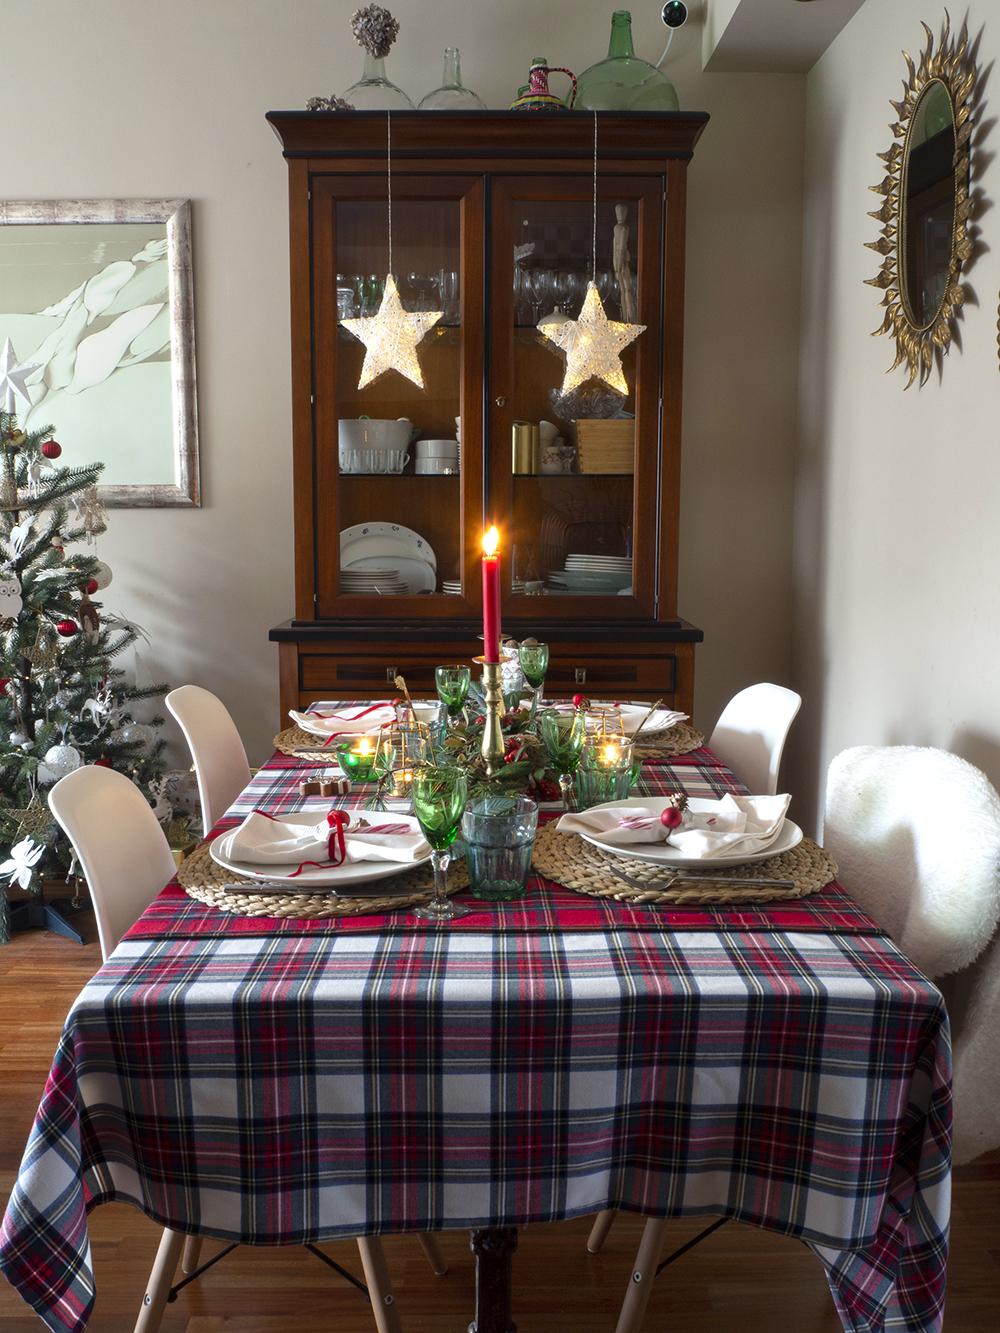 Nuestra mesa navideña en cuadros escoceses19